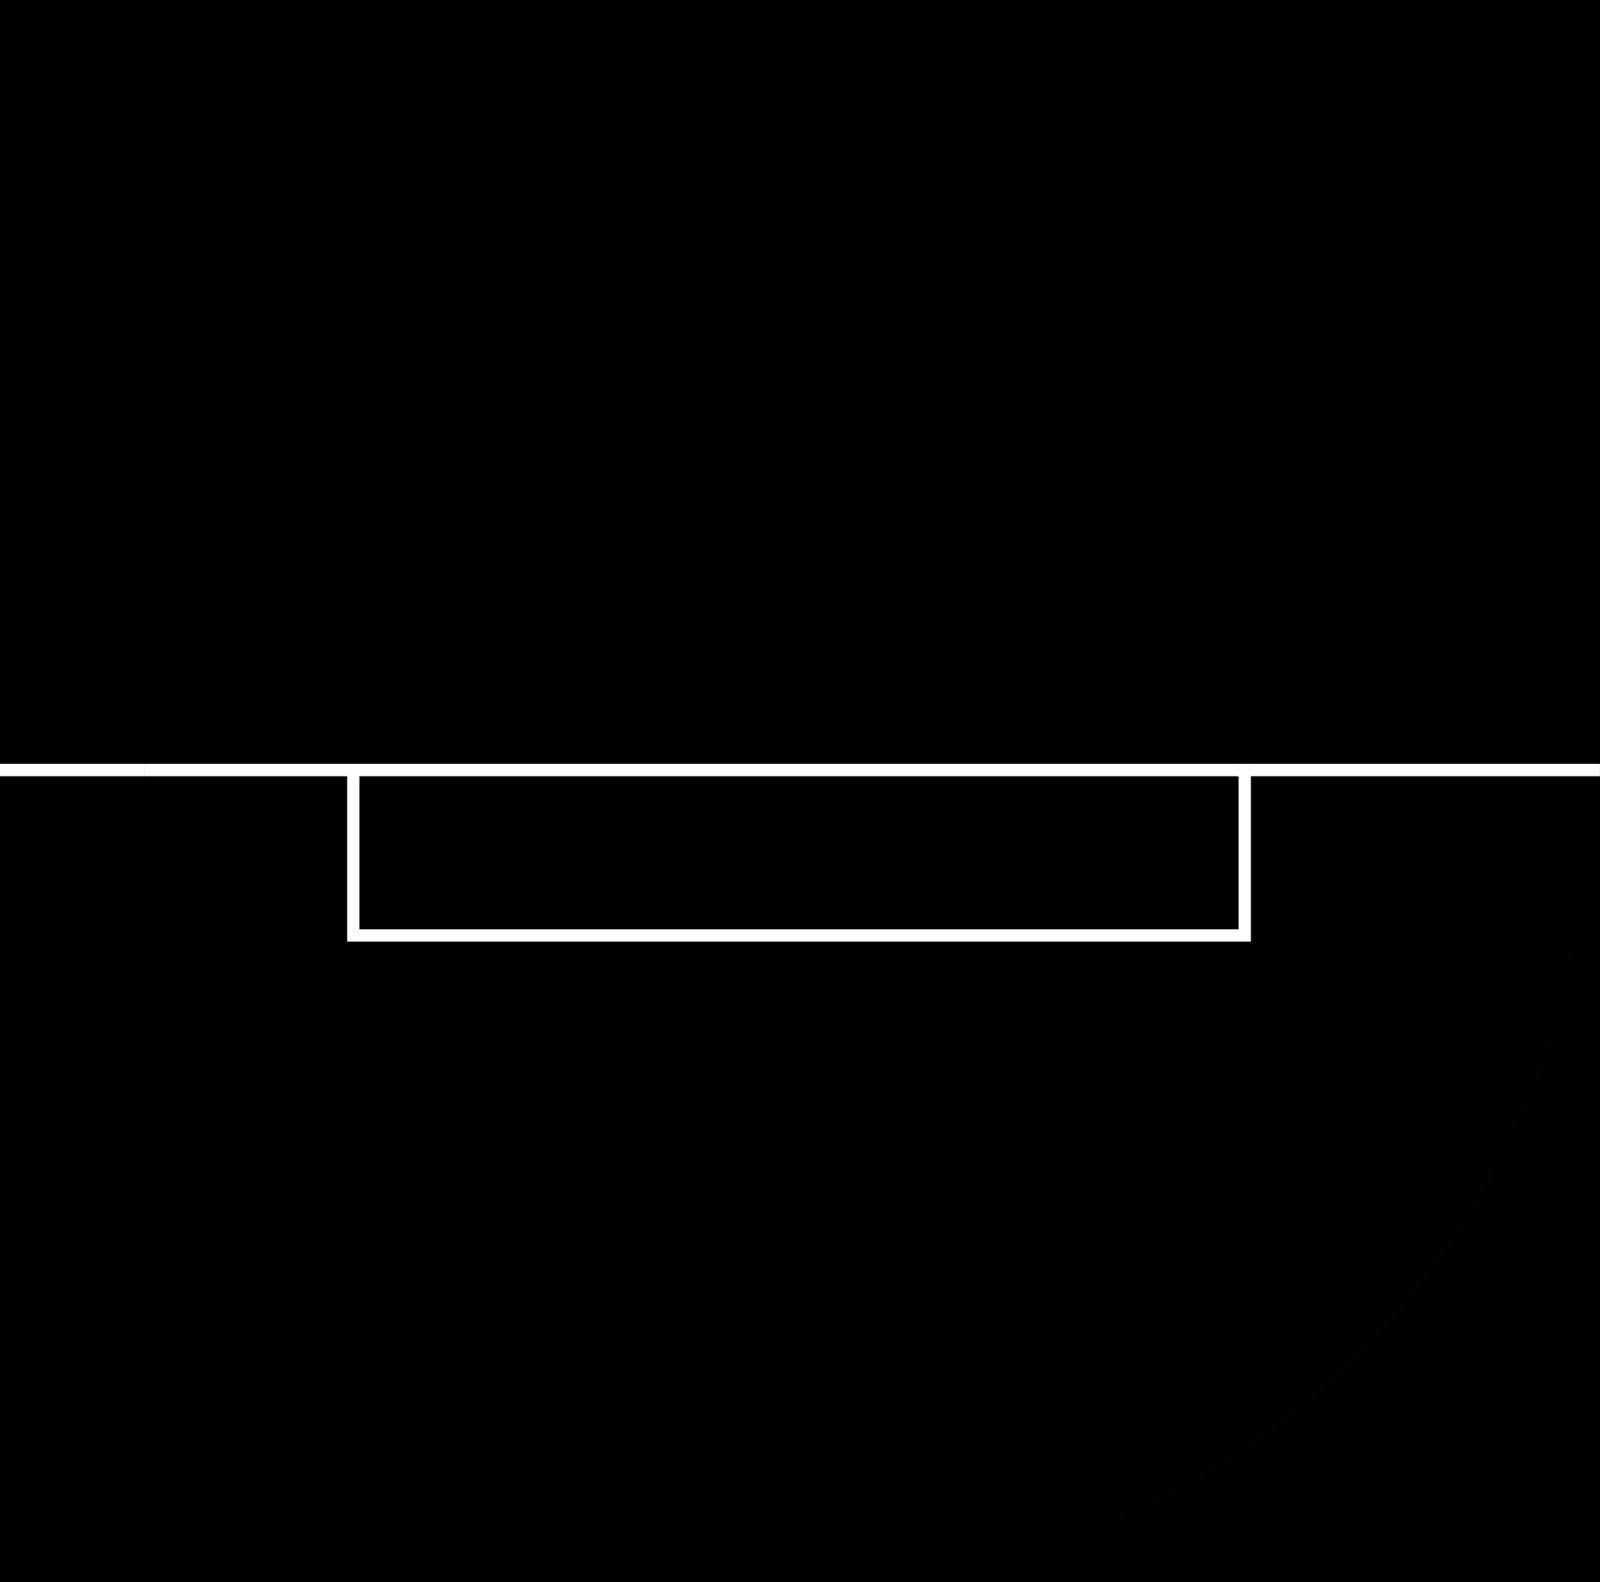 גופי תאורה בקטגוריית - פרופילי תאורה